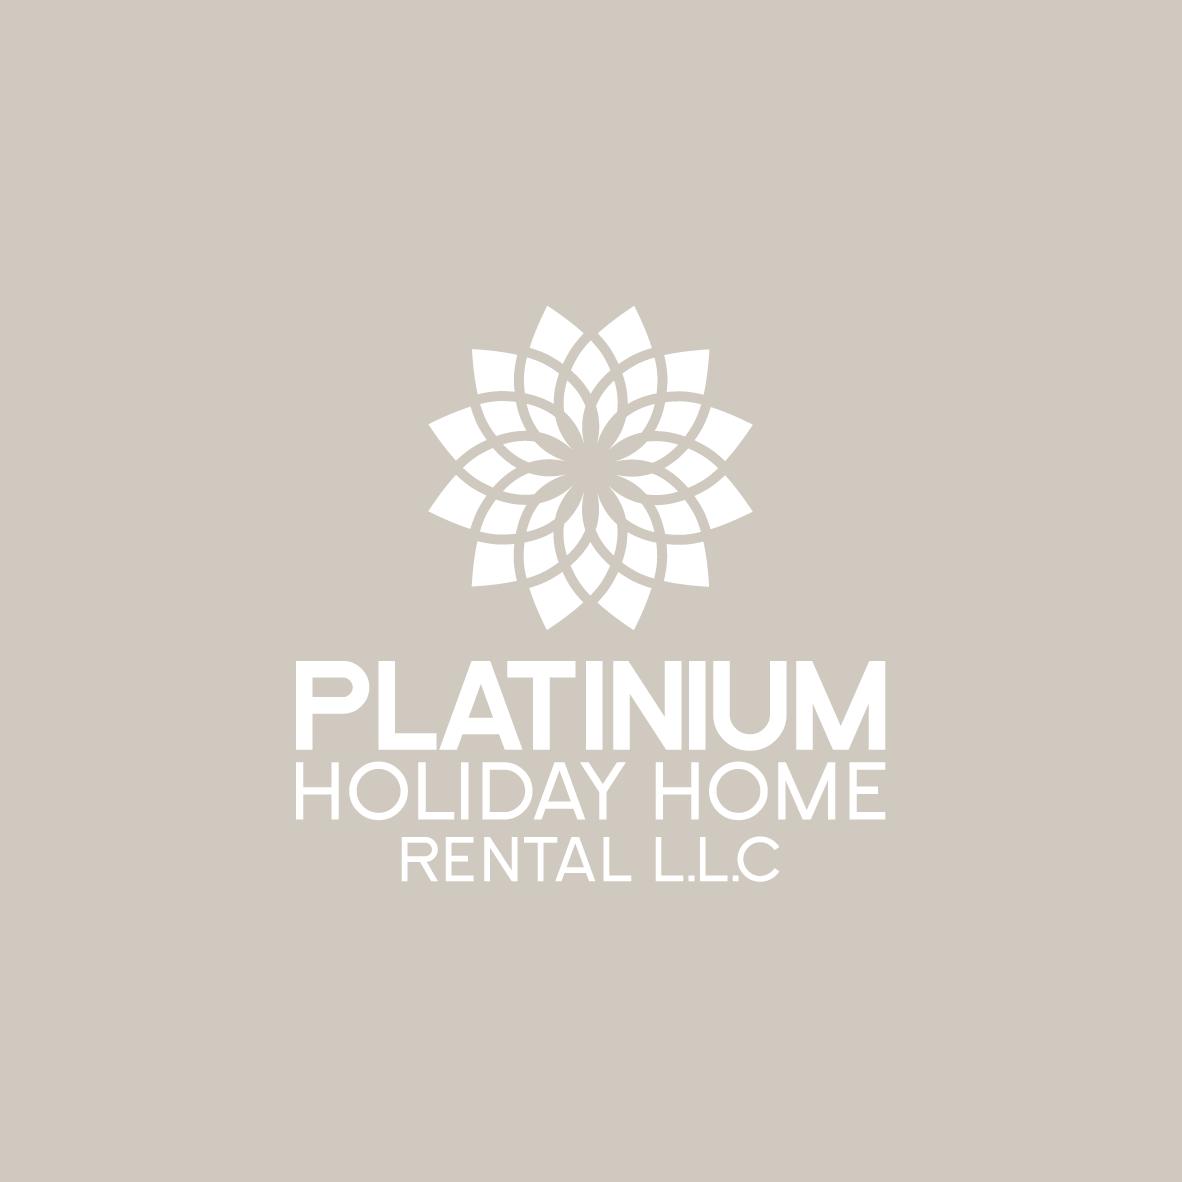 Platinium Holiday